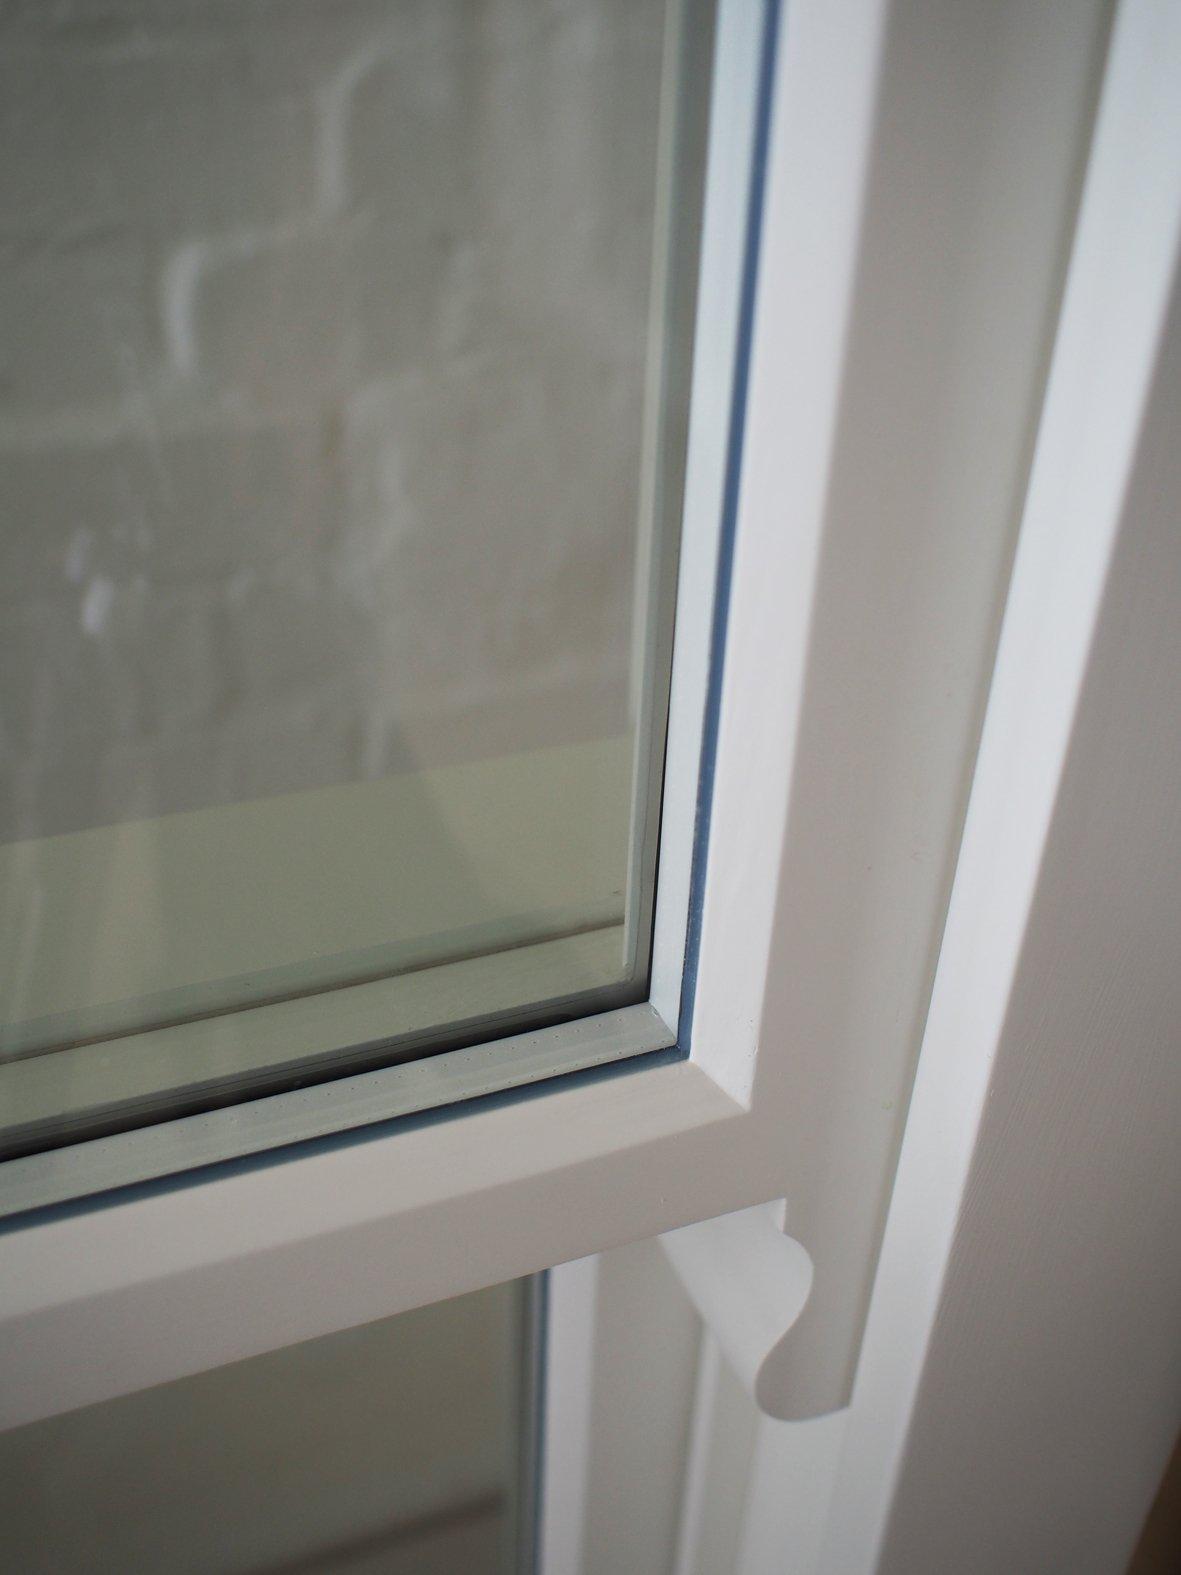 timber sash windows spacer bar